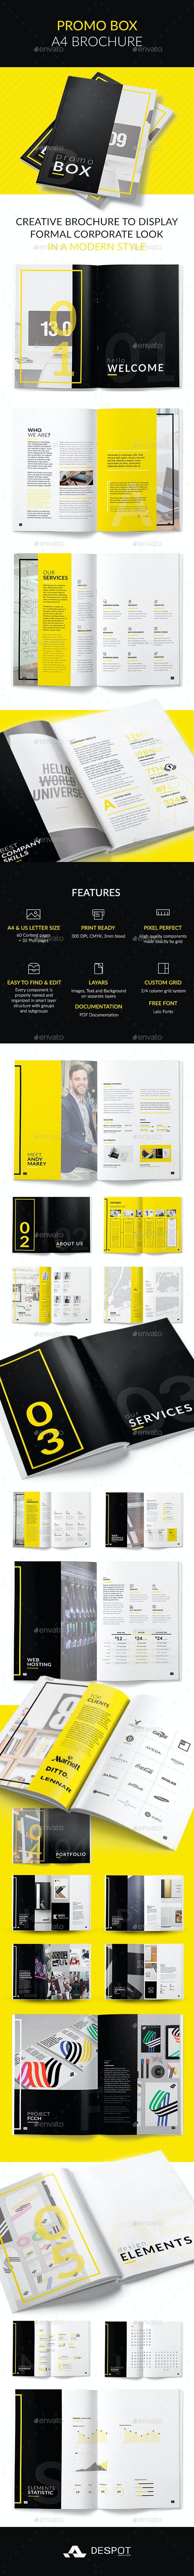 Promo BOX A4 Brochure - Brochures Print Templates